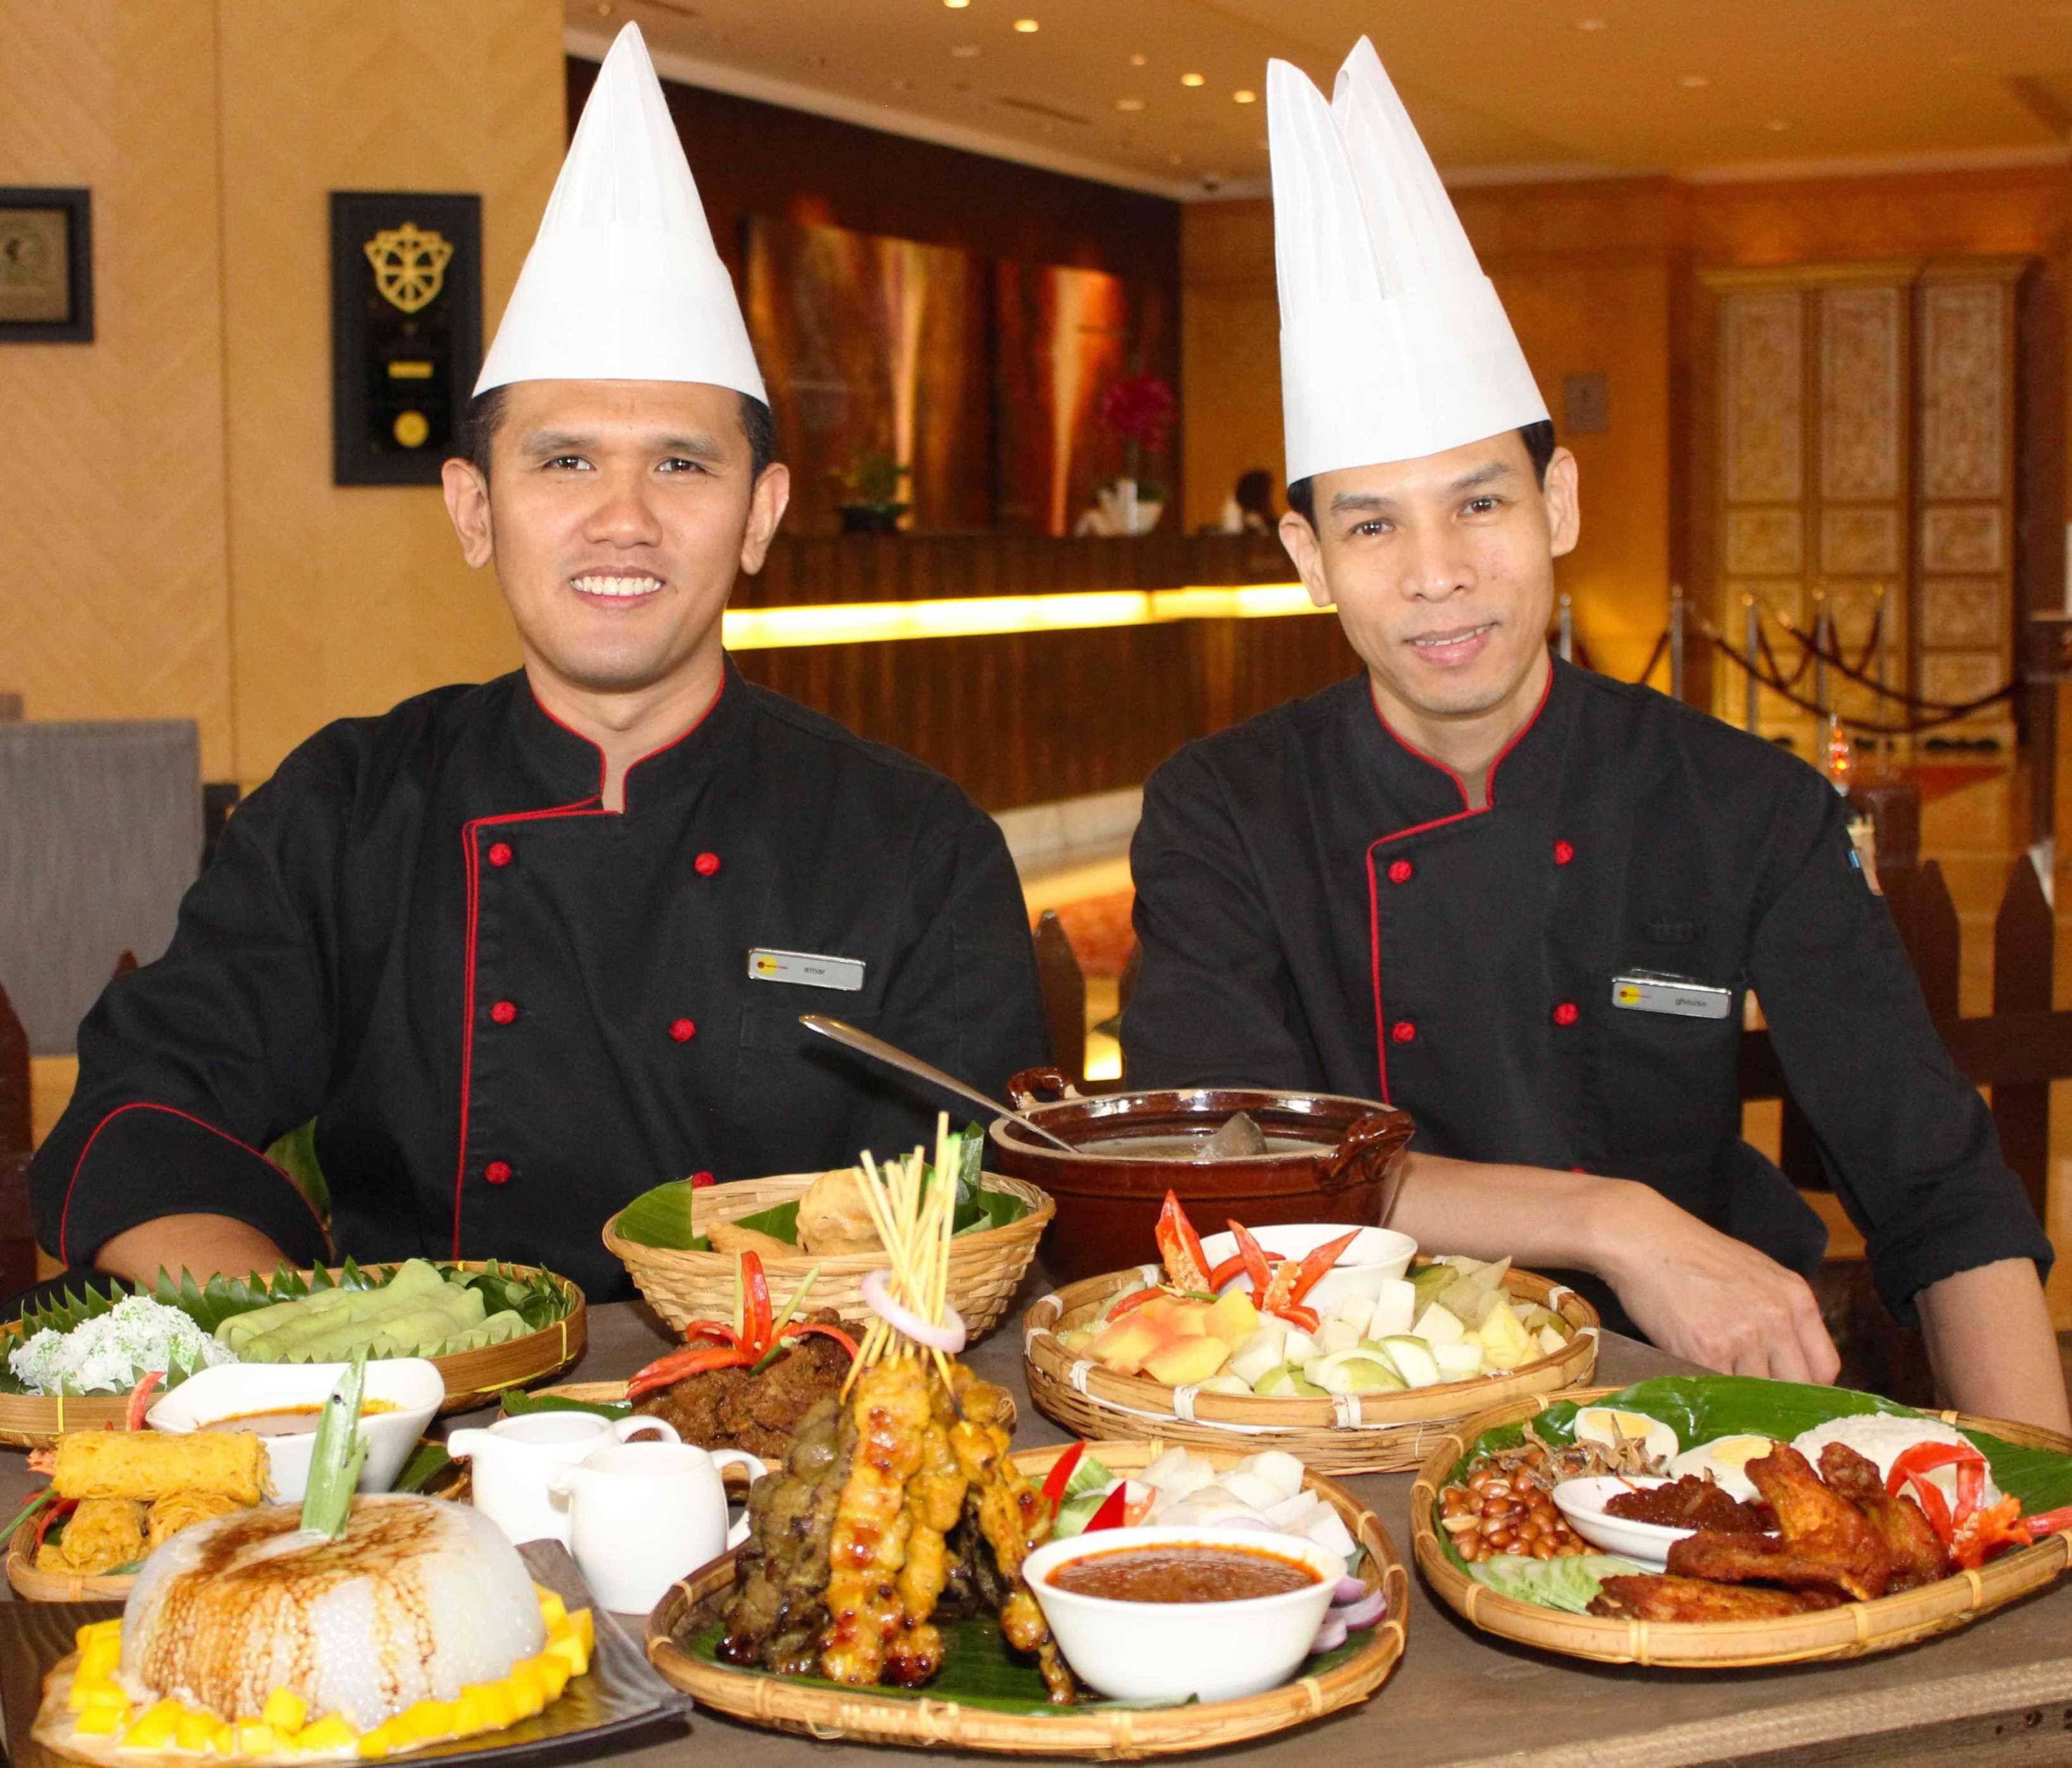 Lễ hội ẩm thực và đặc sản Malaysia tại Khách sạn Windsor Plaza - Hình 1